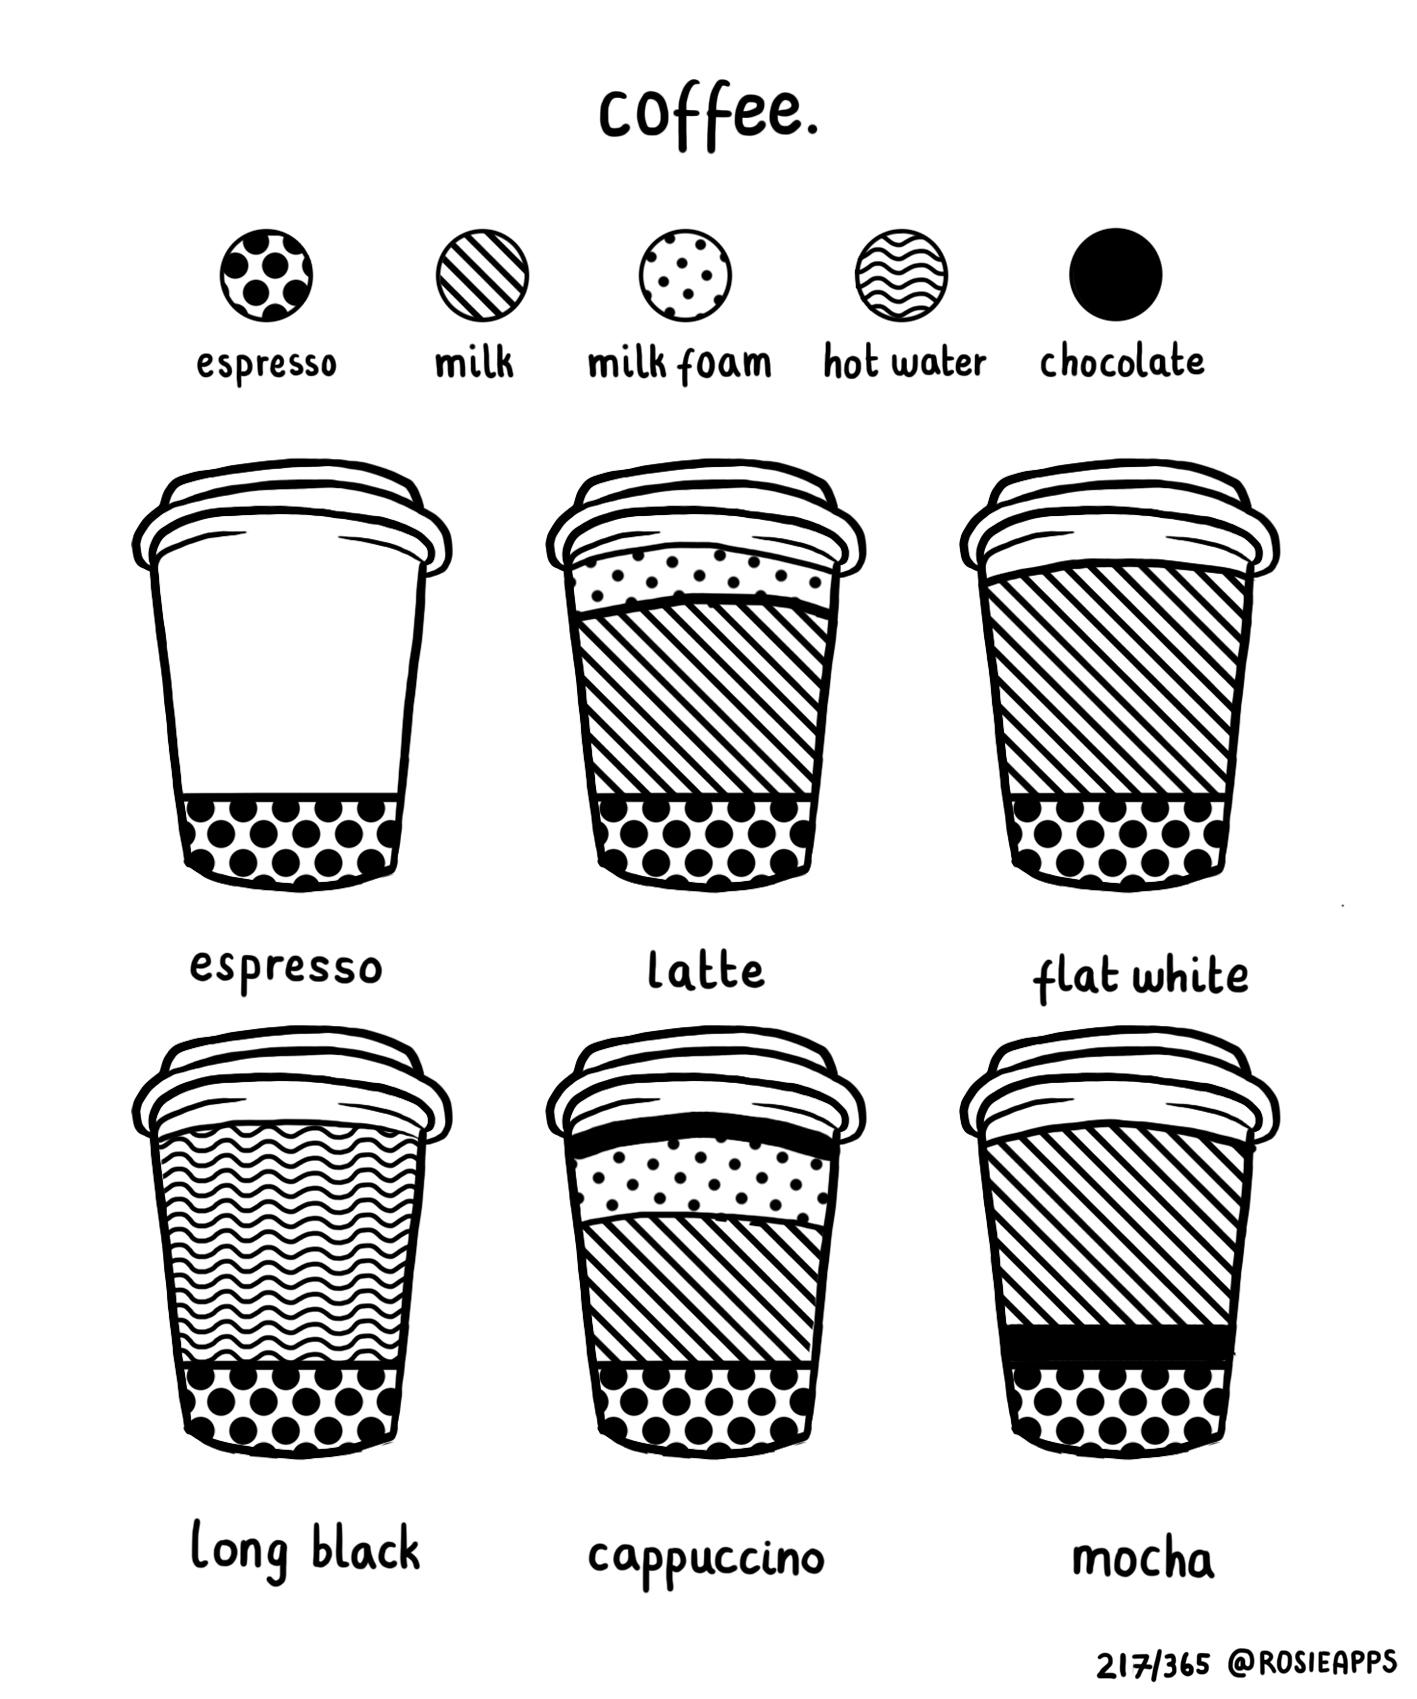 August-217-365 Coffee Types.jpg